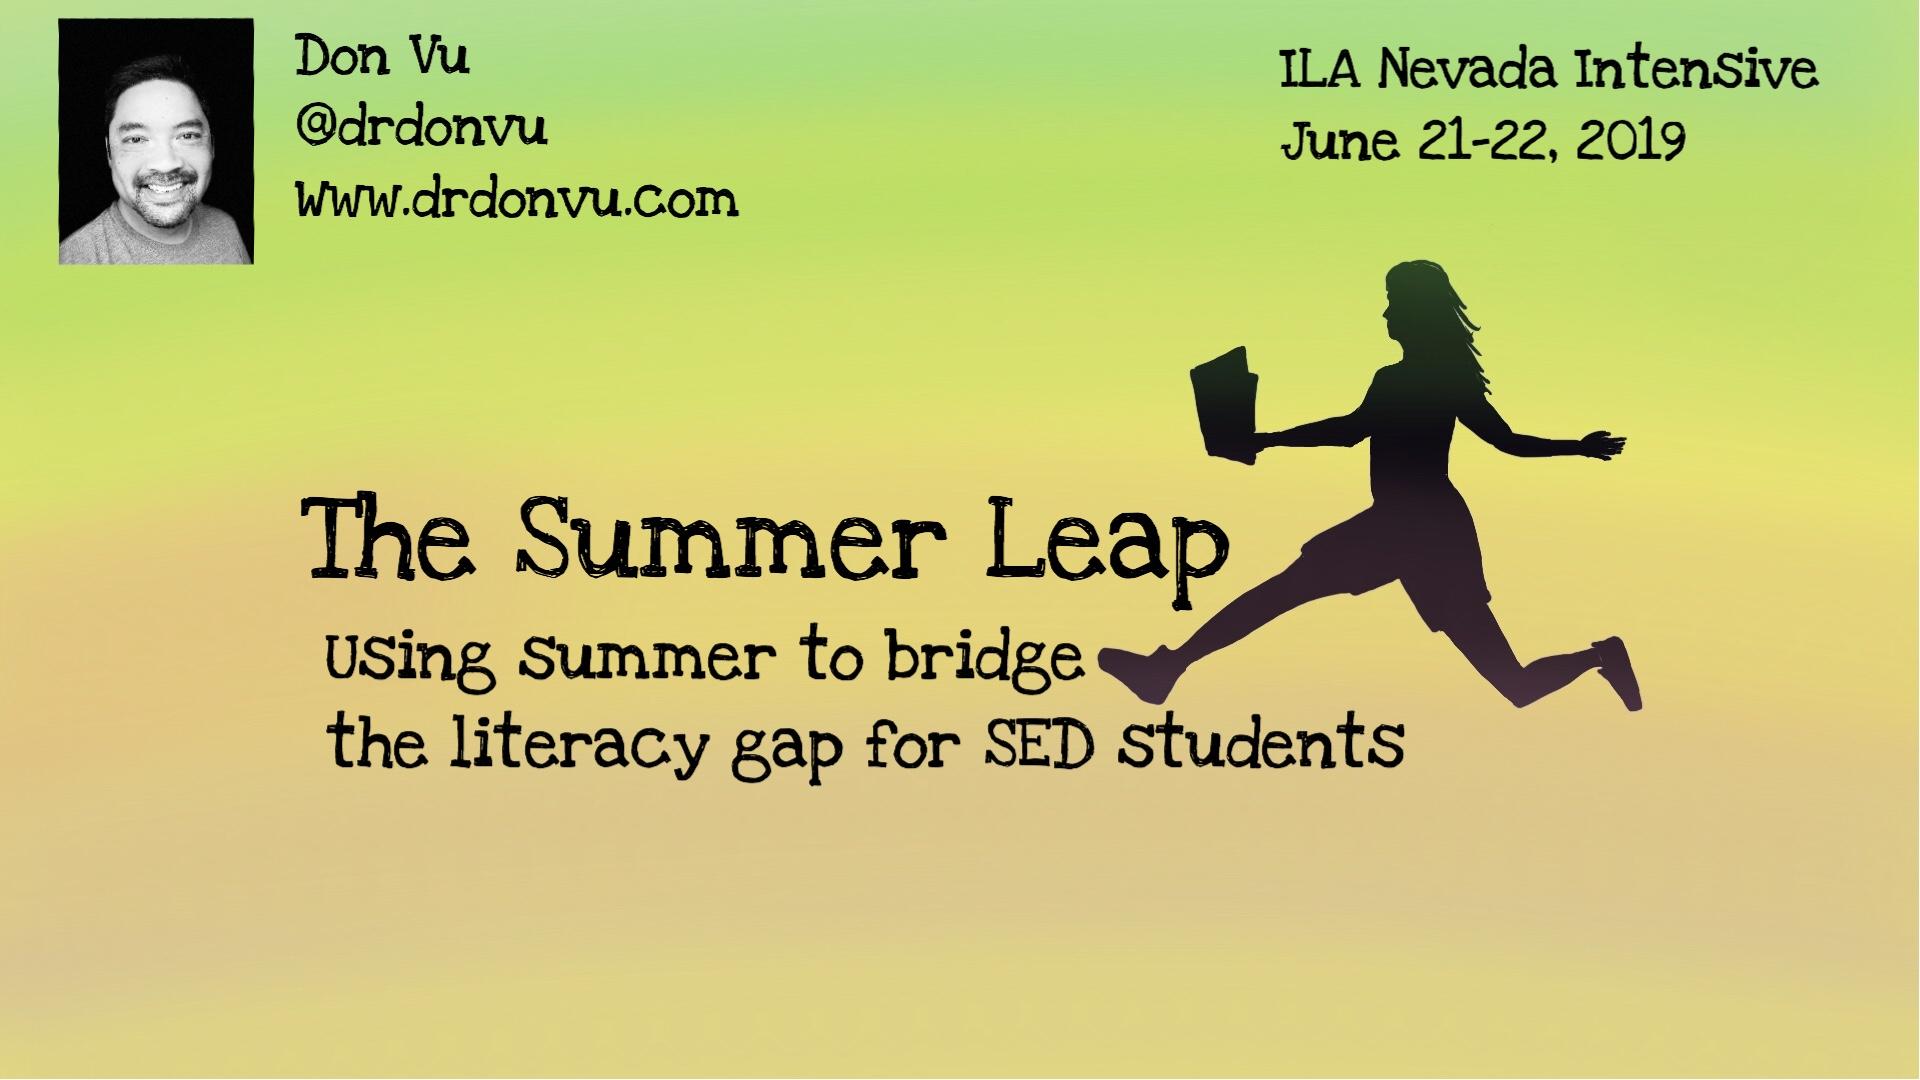 Summer Leap